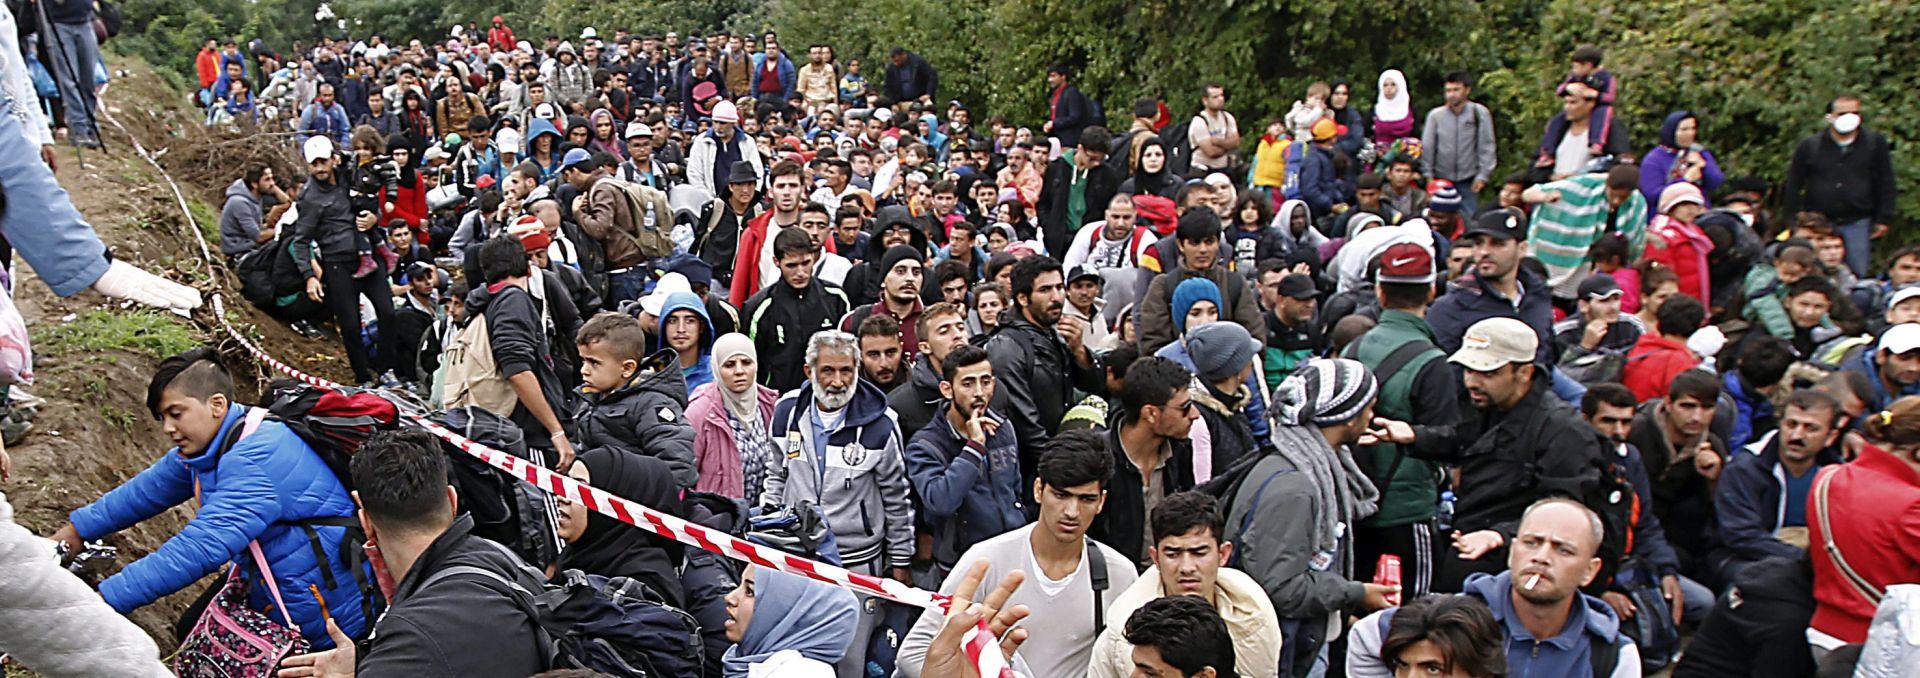 'CIJELI JEDAN ZAGREB' U prvih 9 mjeseci 2015. u EU ušlo 710 tisuća migranata